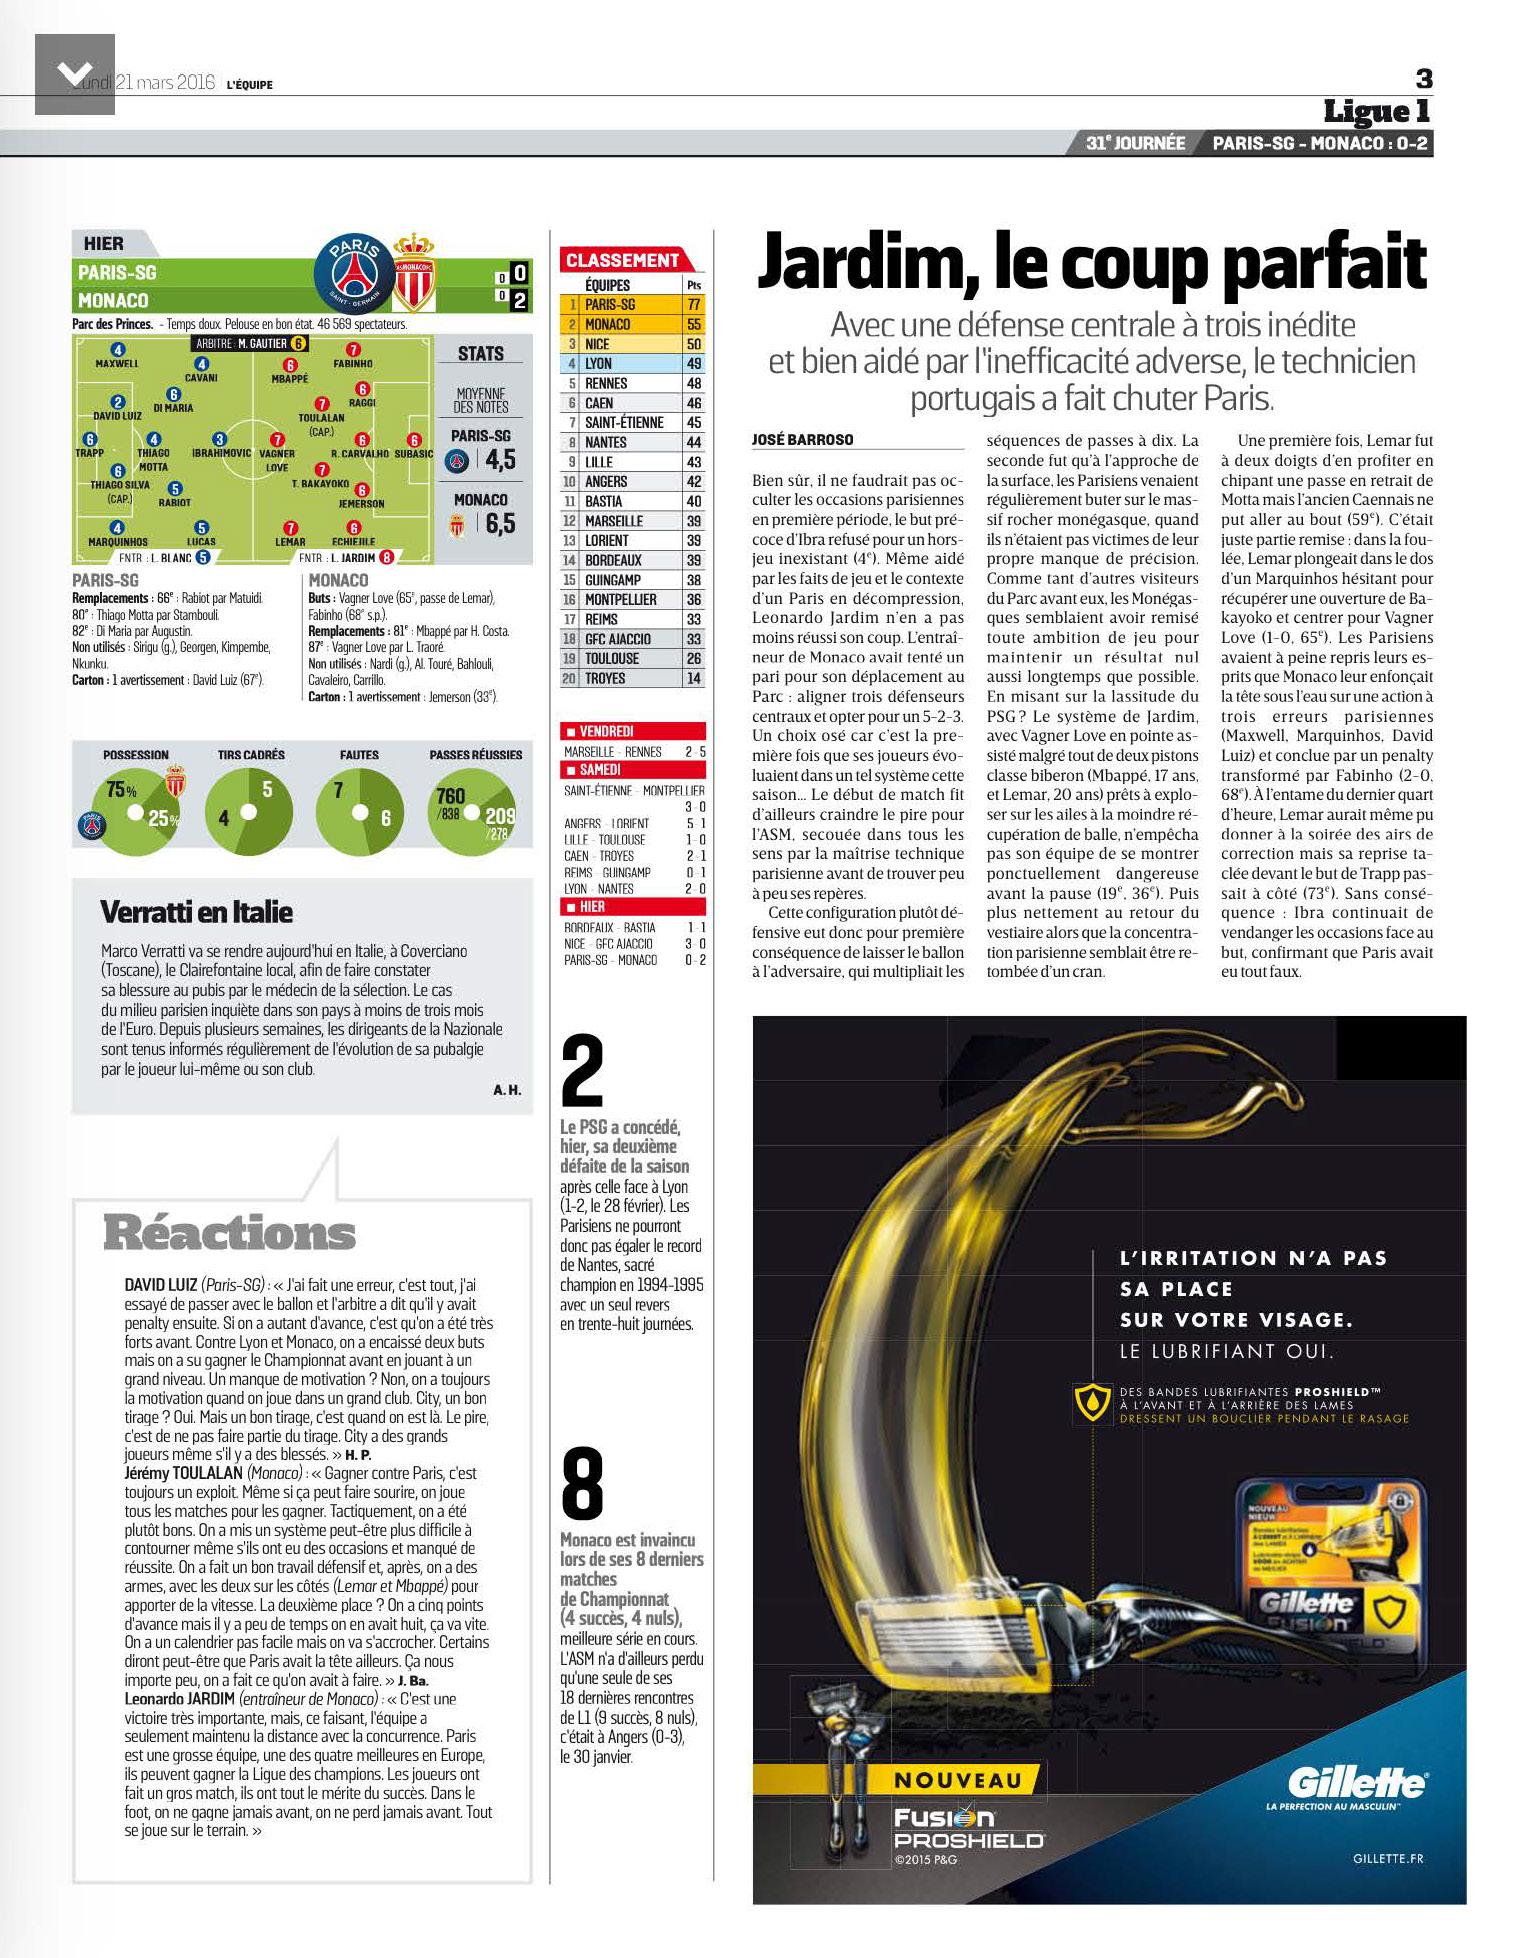 revue de presse  r u00e9sum u00e9 vid u00e9o  la d u00e9faite du psg au parc